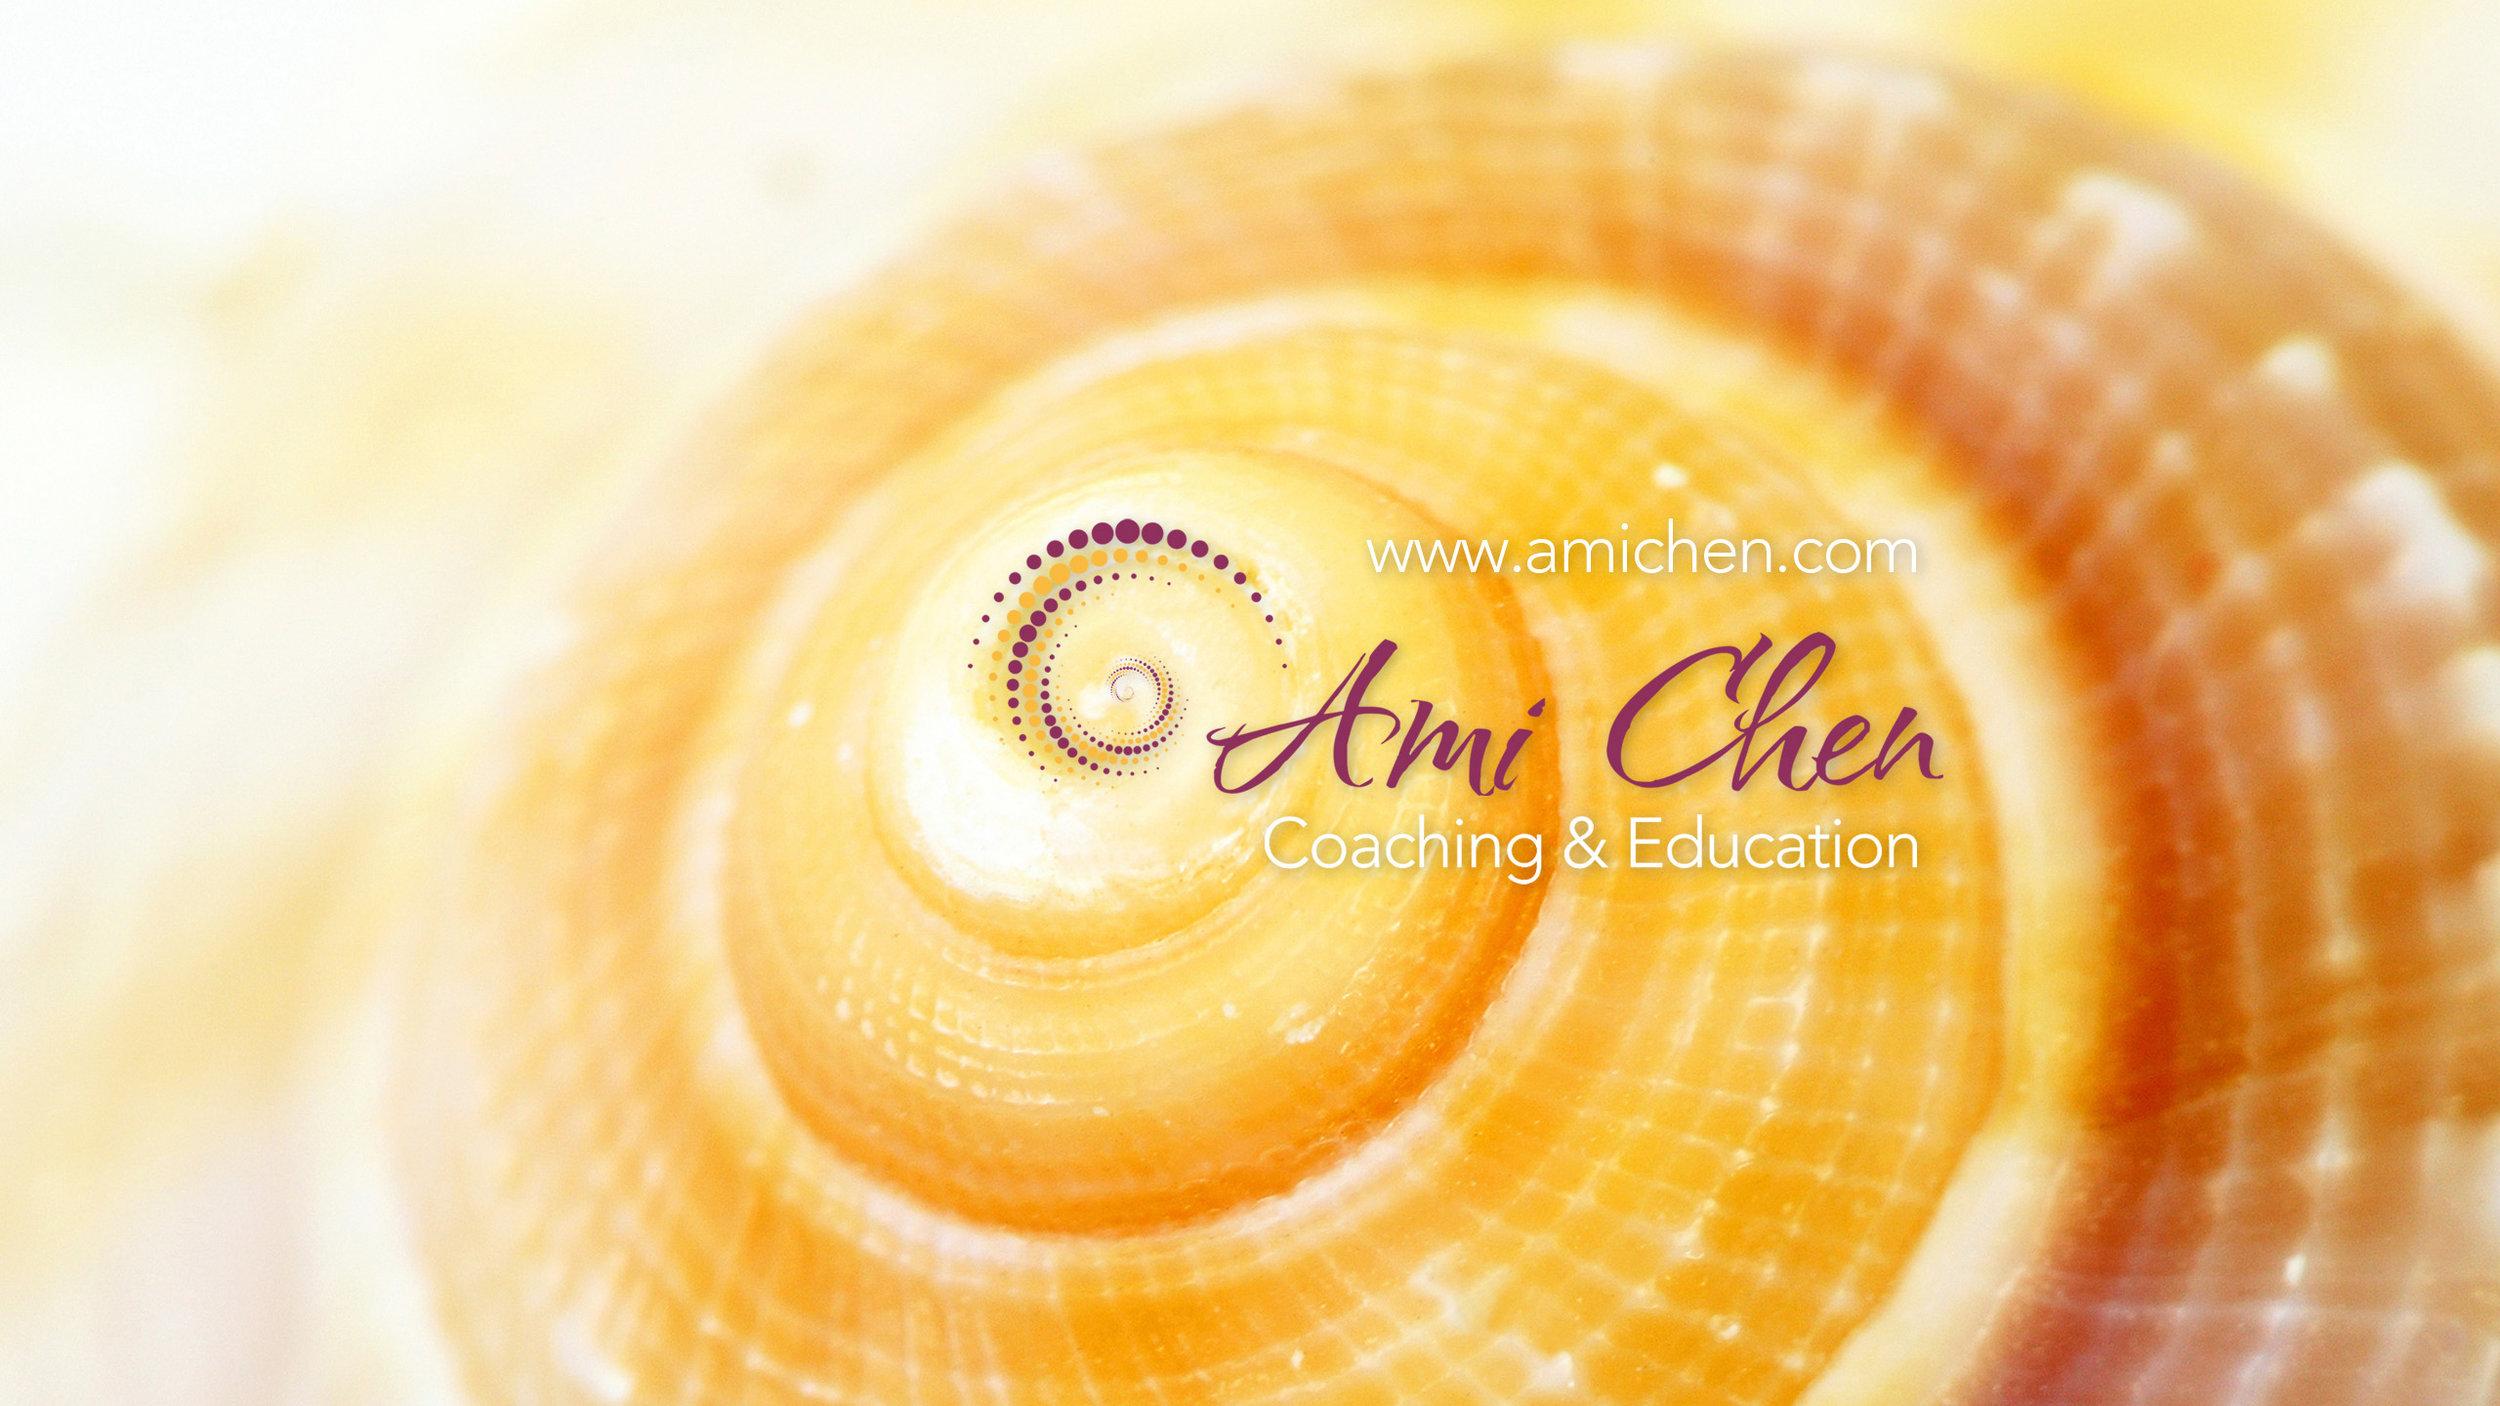 ACCE YT Channel Art 1-2.jpg